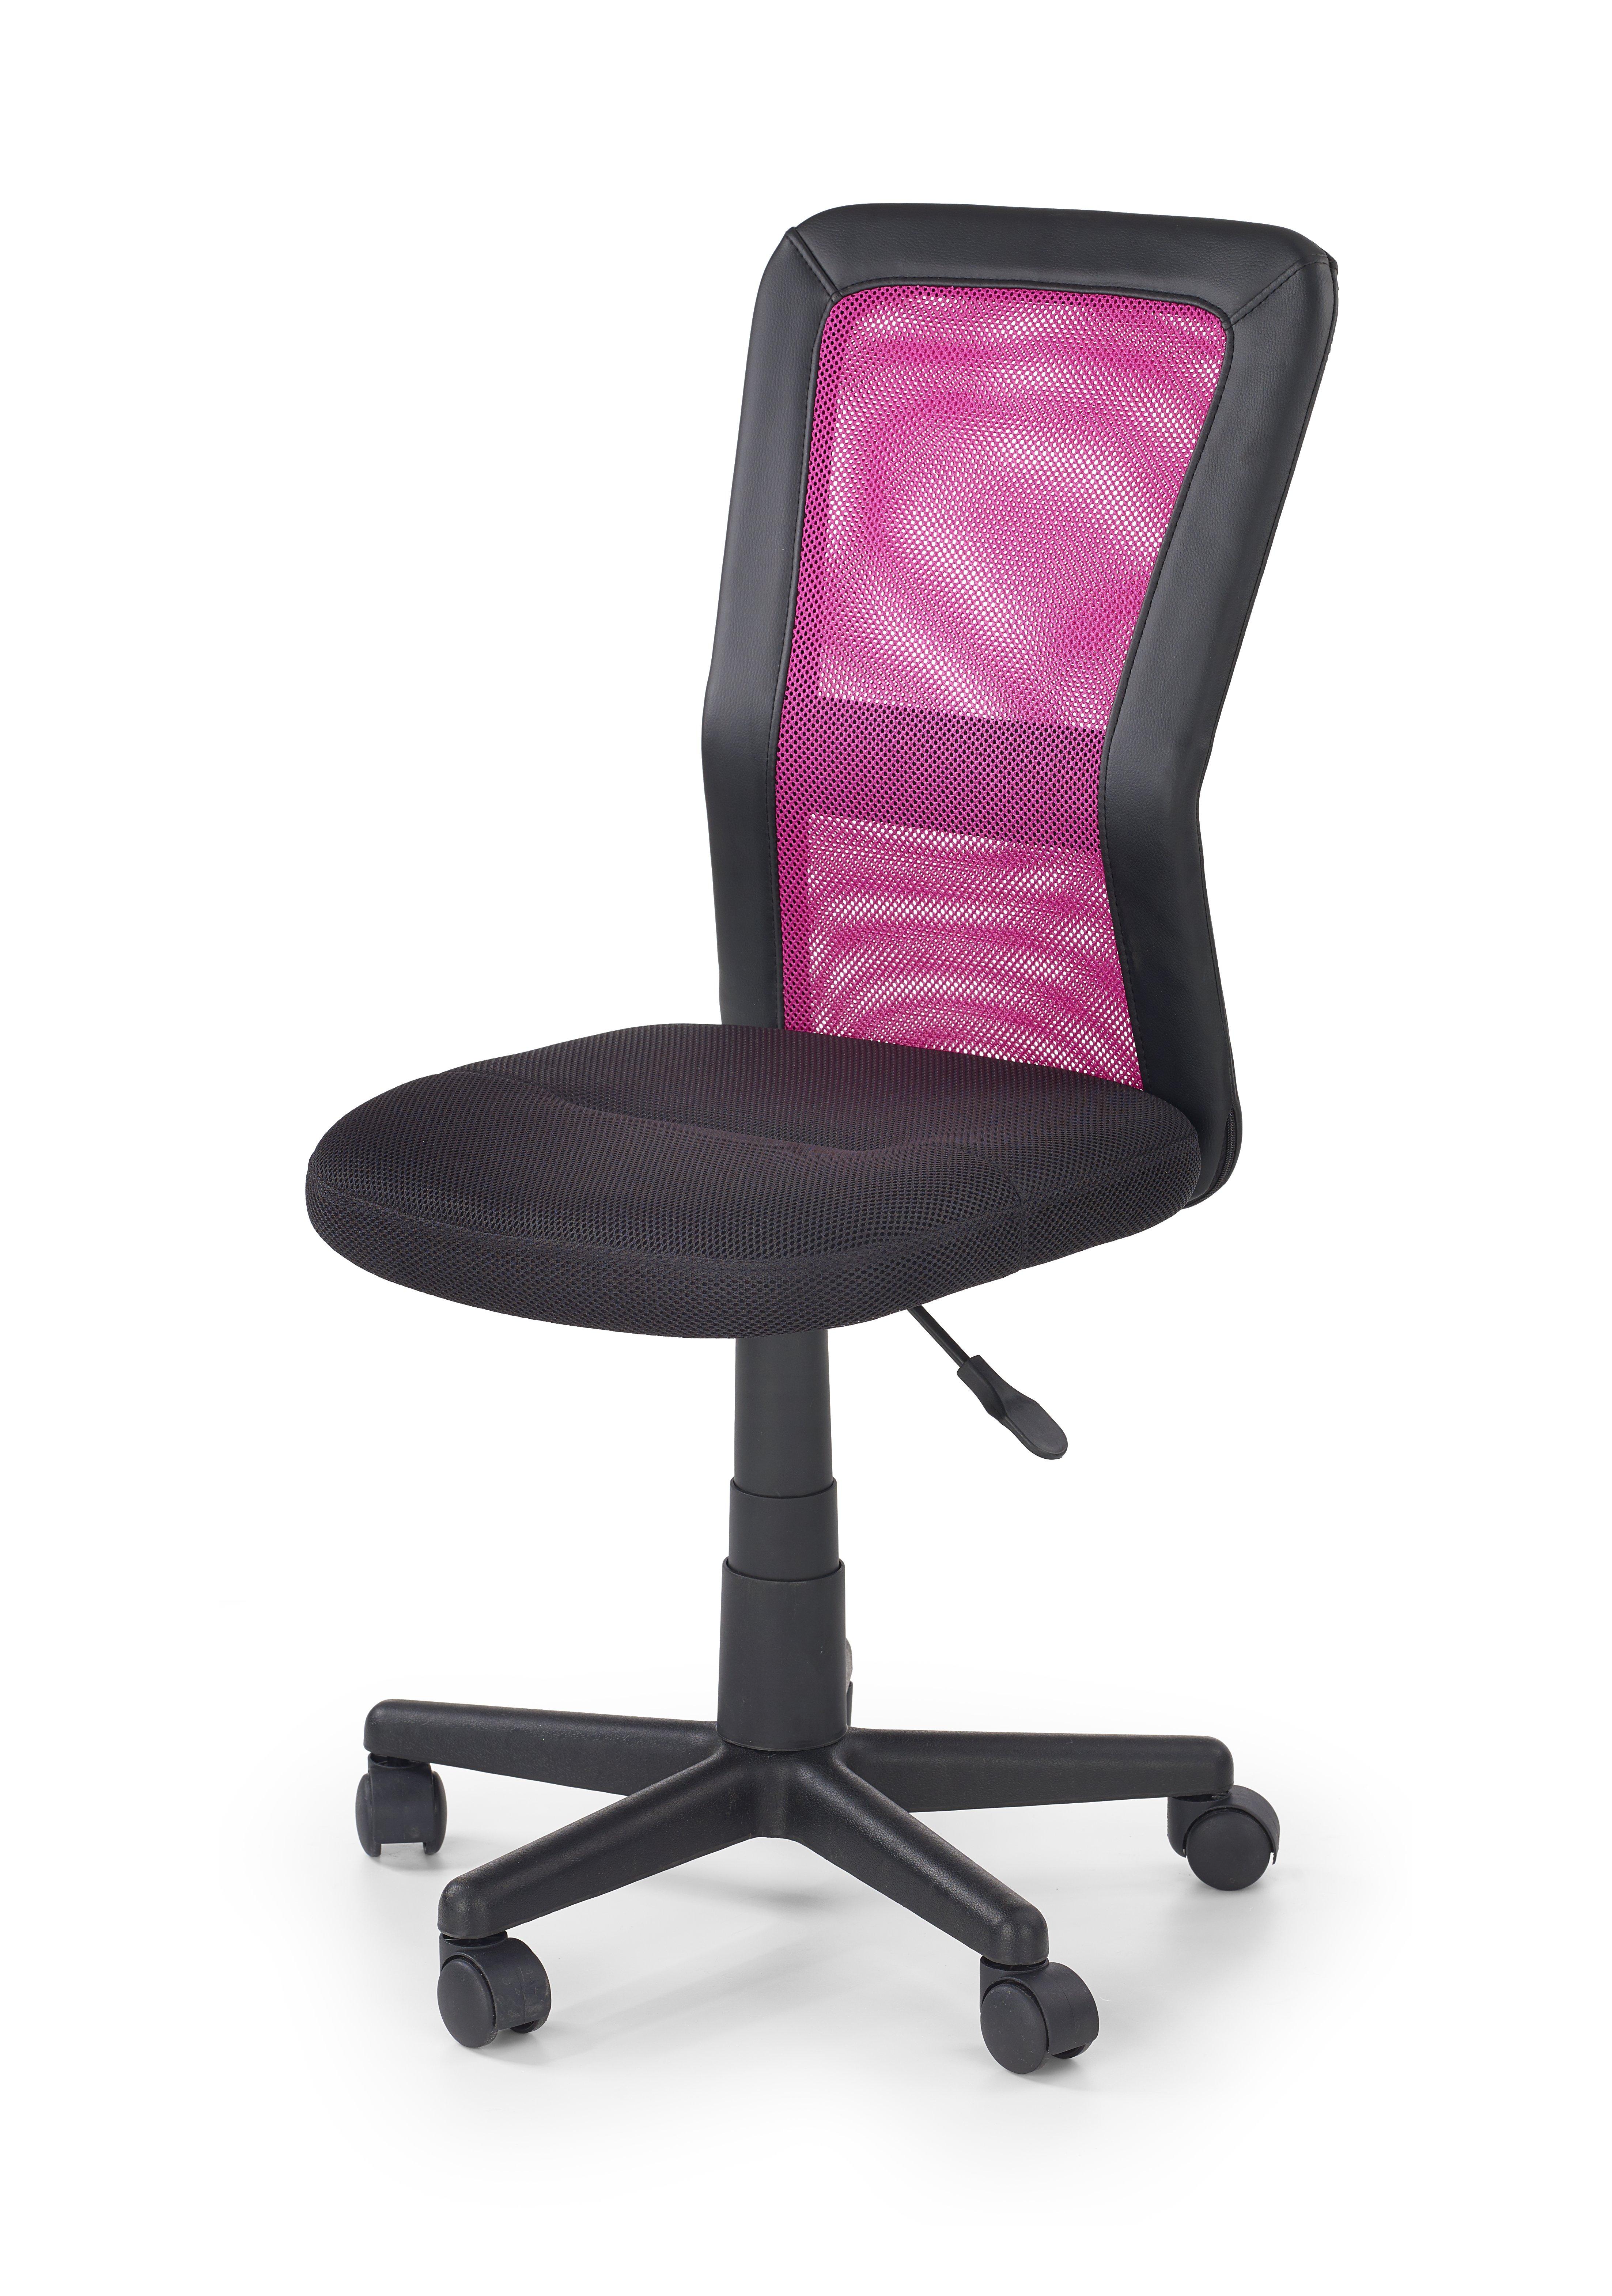 COSMO detská stolička čierno-ružová